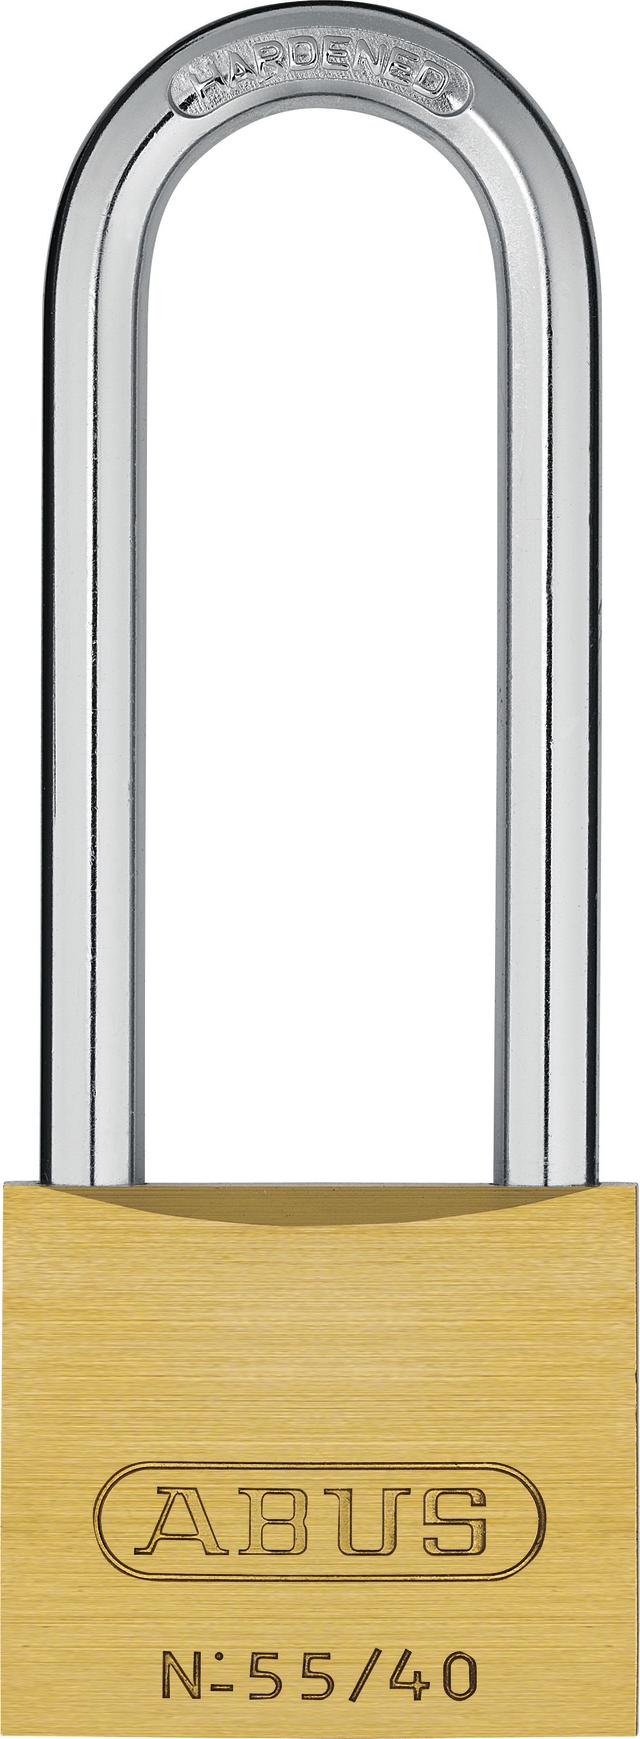 Kłódka mosiężna 55/40HB63 ka.-5402